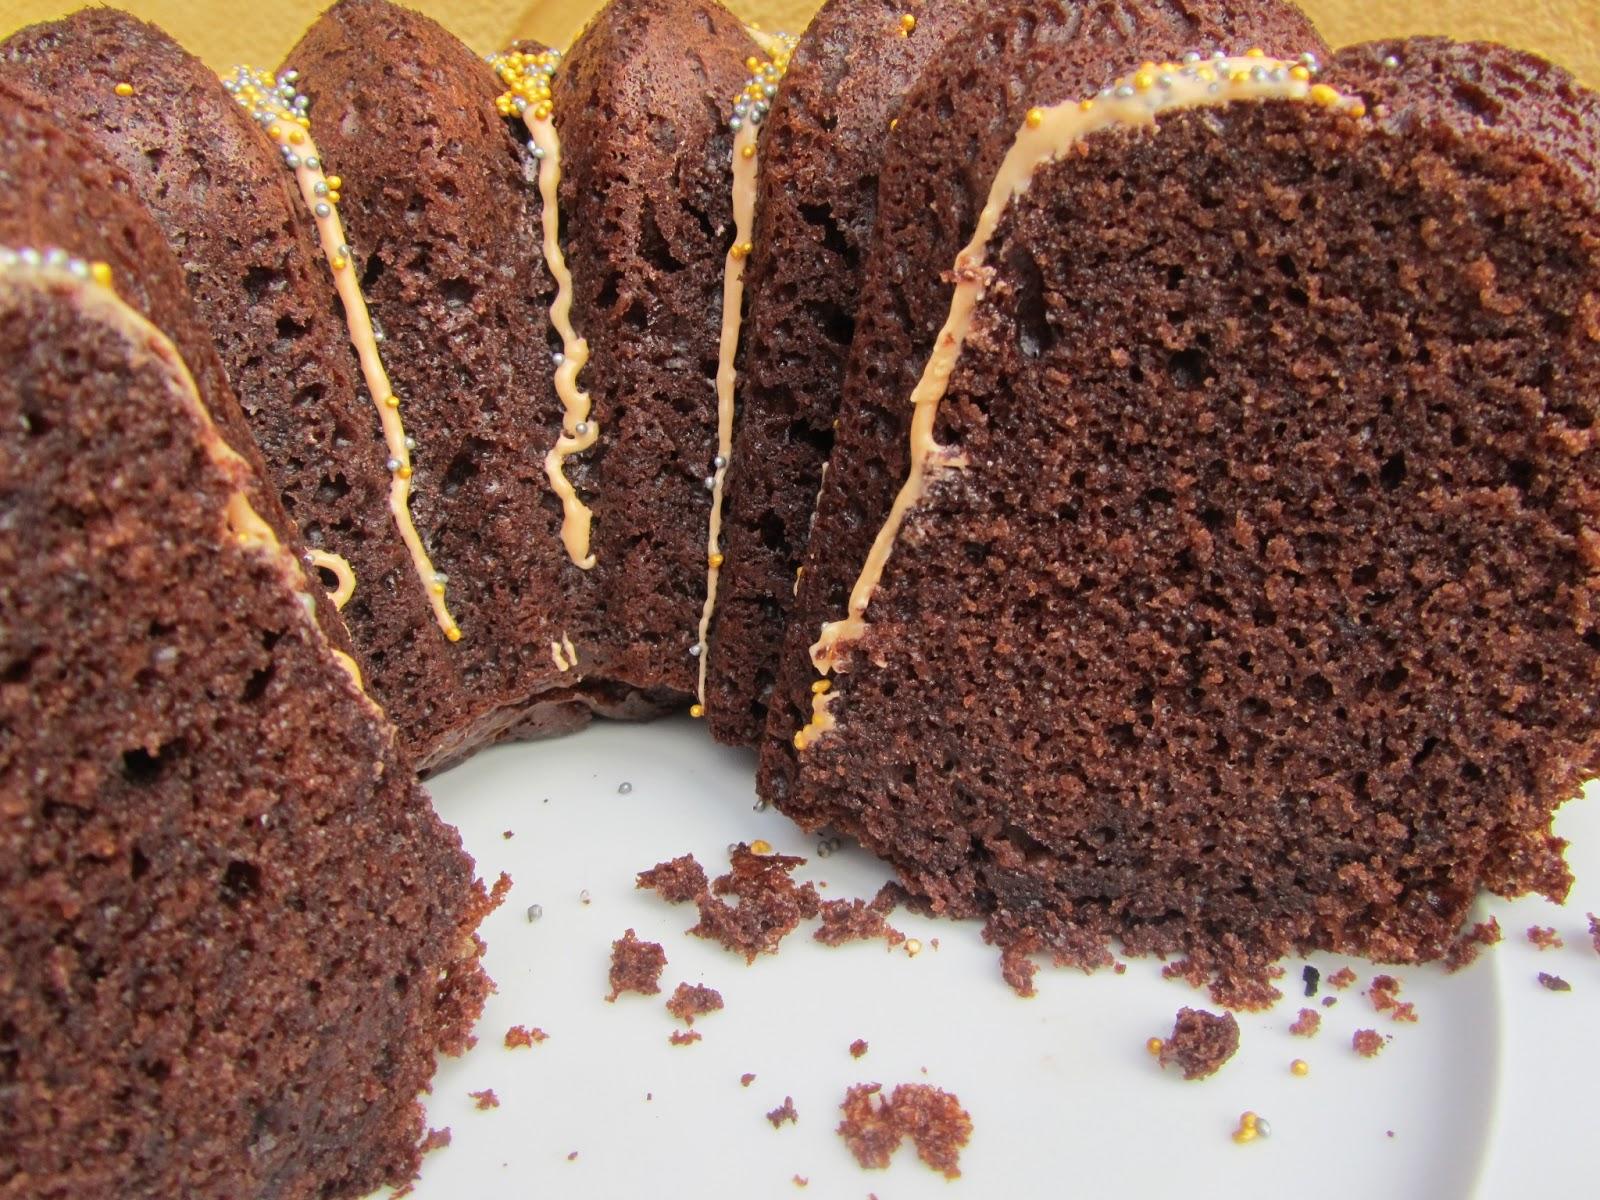 La Dieta De Chocolate Con Leche Realmente Funciona Taprathornnecz Ml